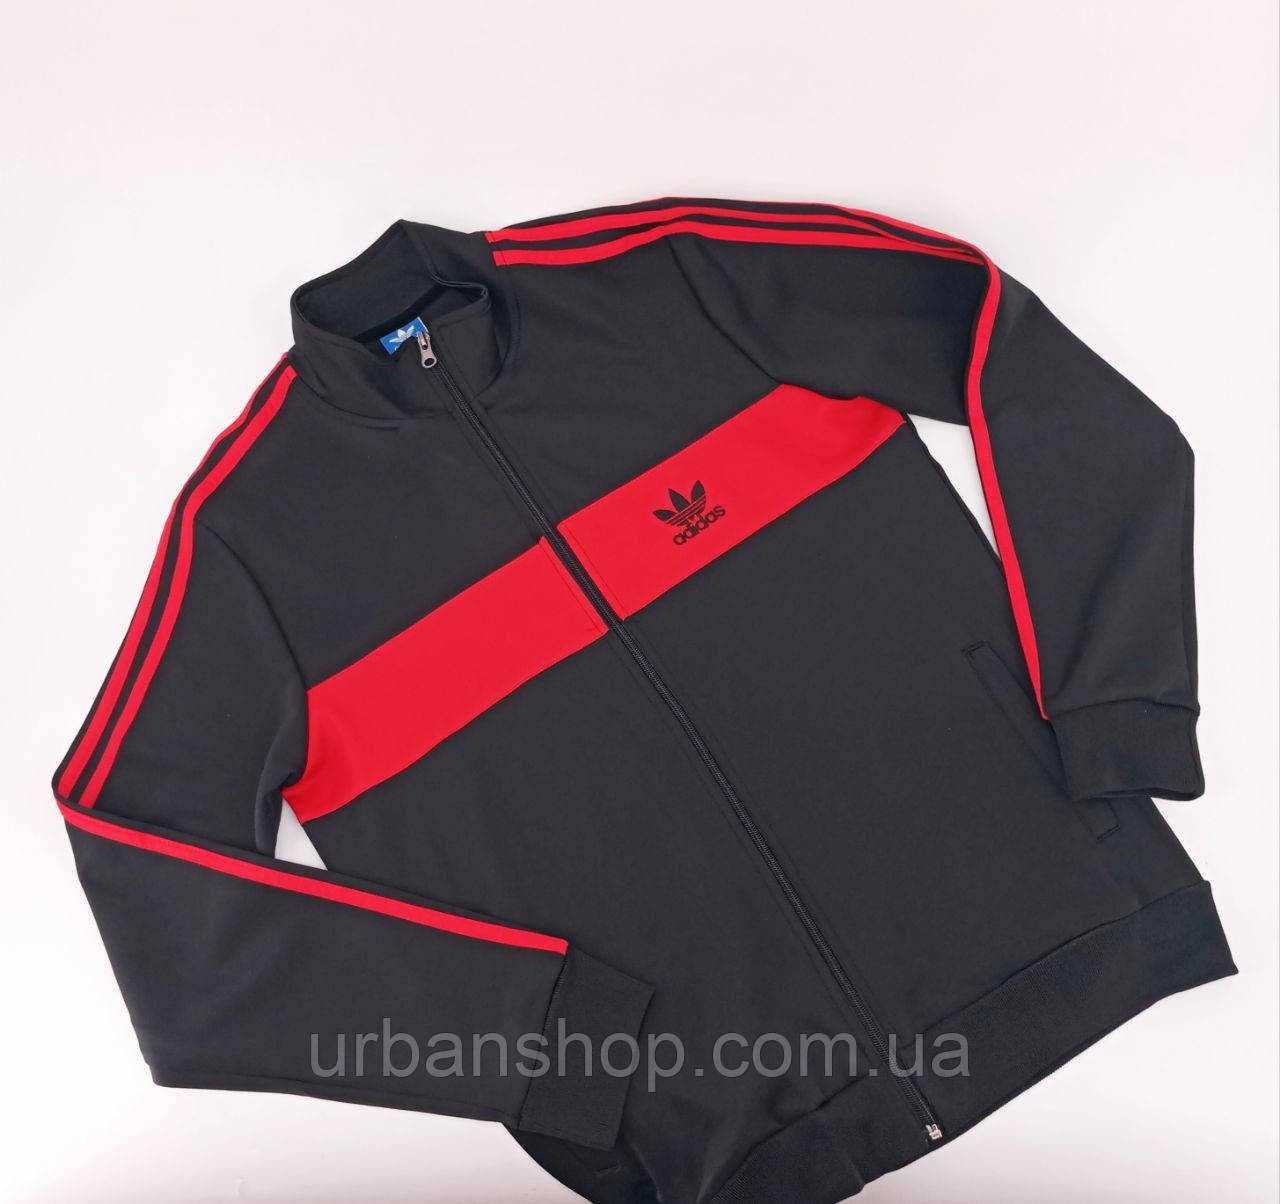 Спортивний костюм Adidas black / red (олімпійка) M